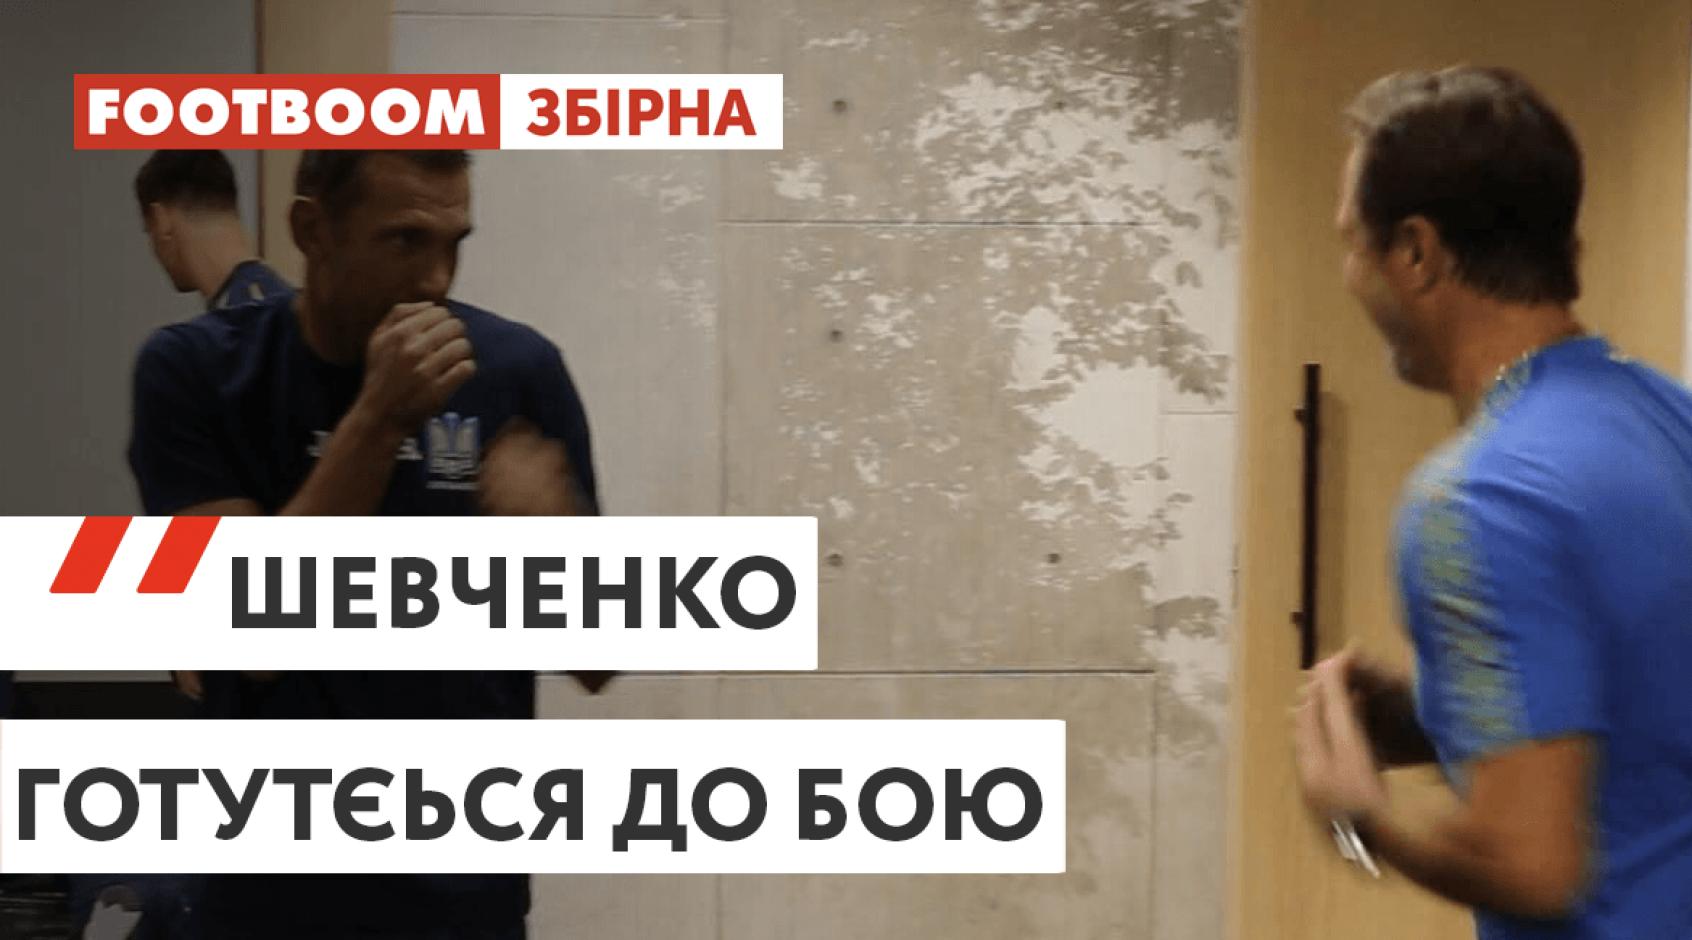 Андрій Шевченко готується до боксерського бою (Відео)